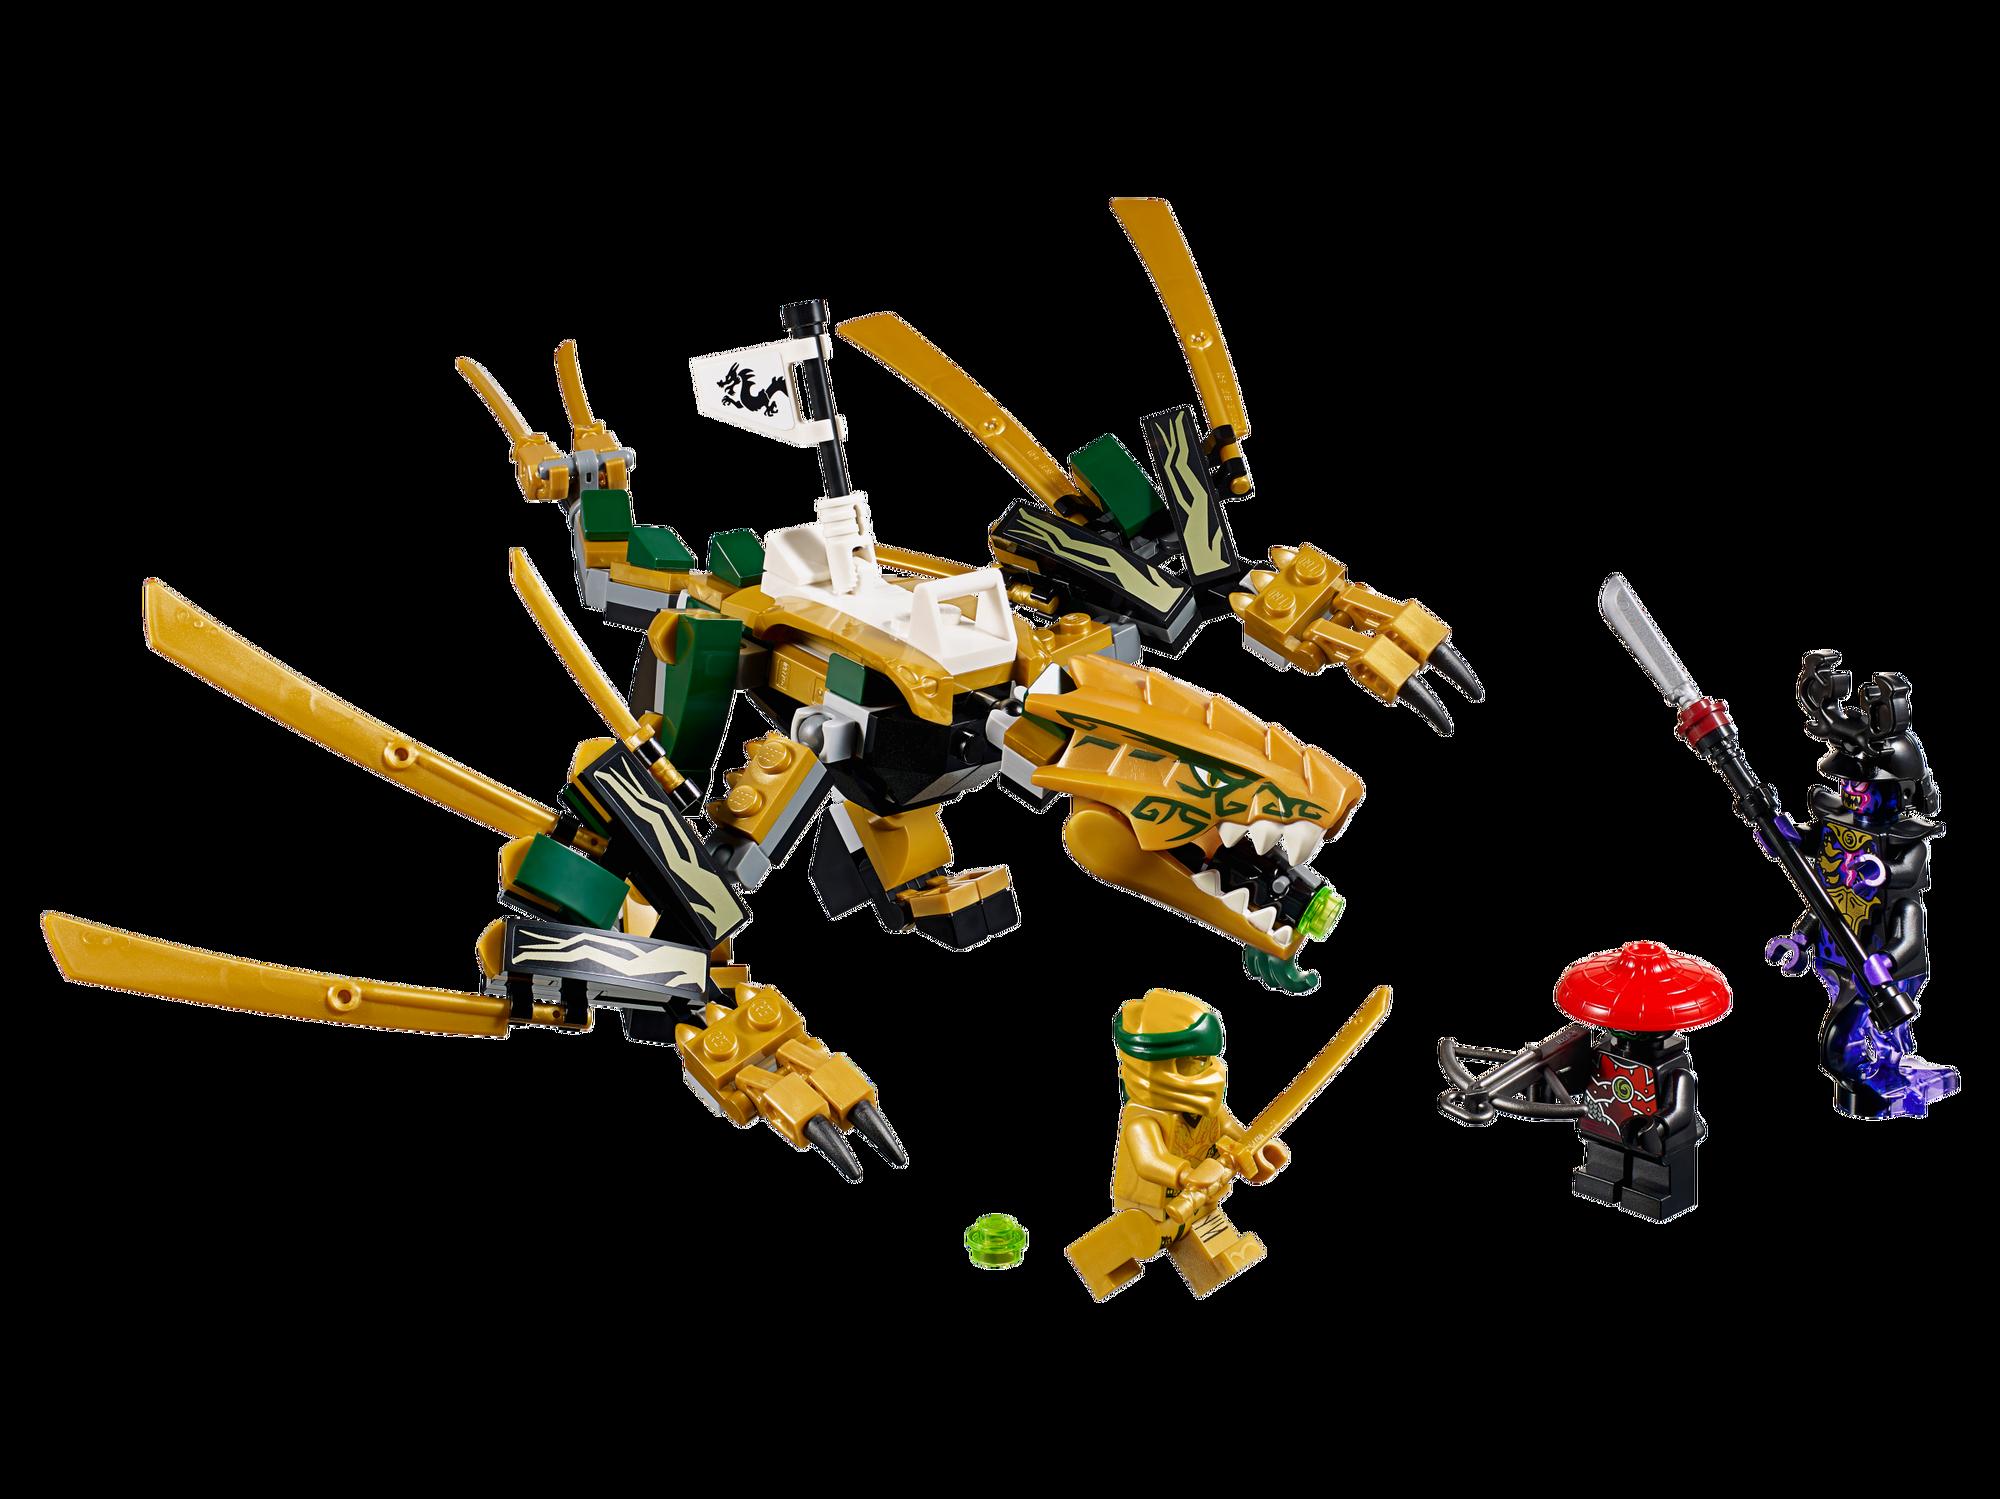 70666 Złoty Smok Lego Ninjago Wiki Fandom Powered By Wikia